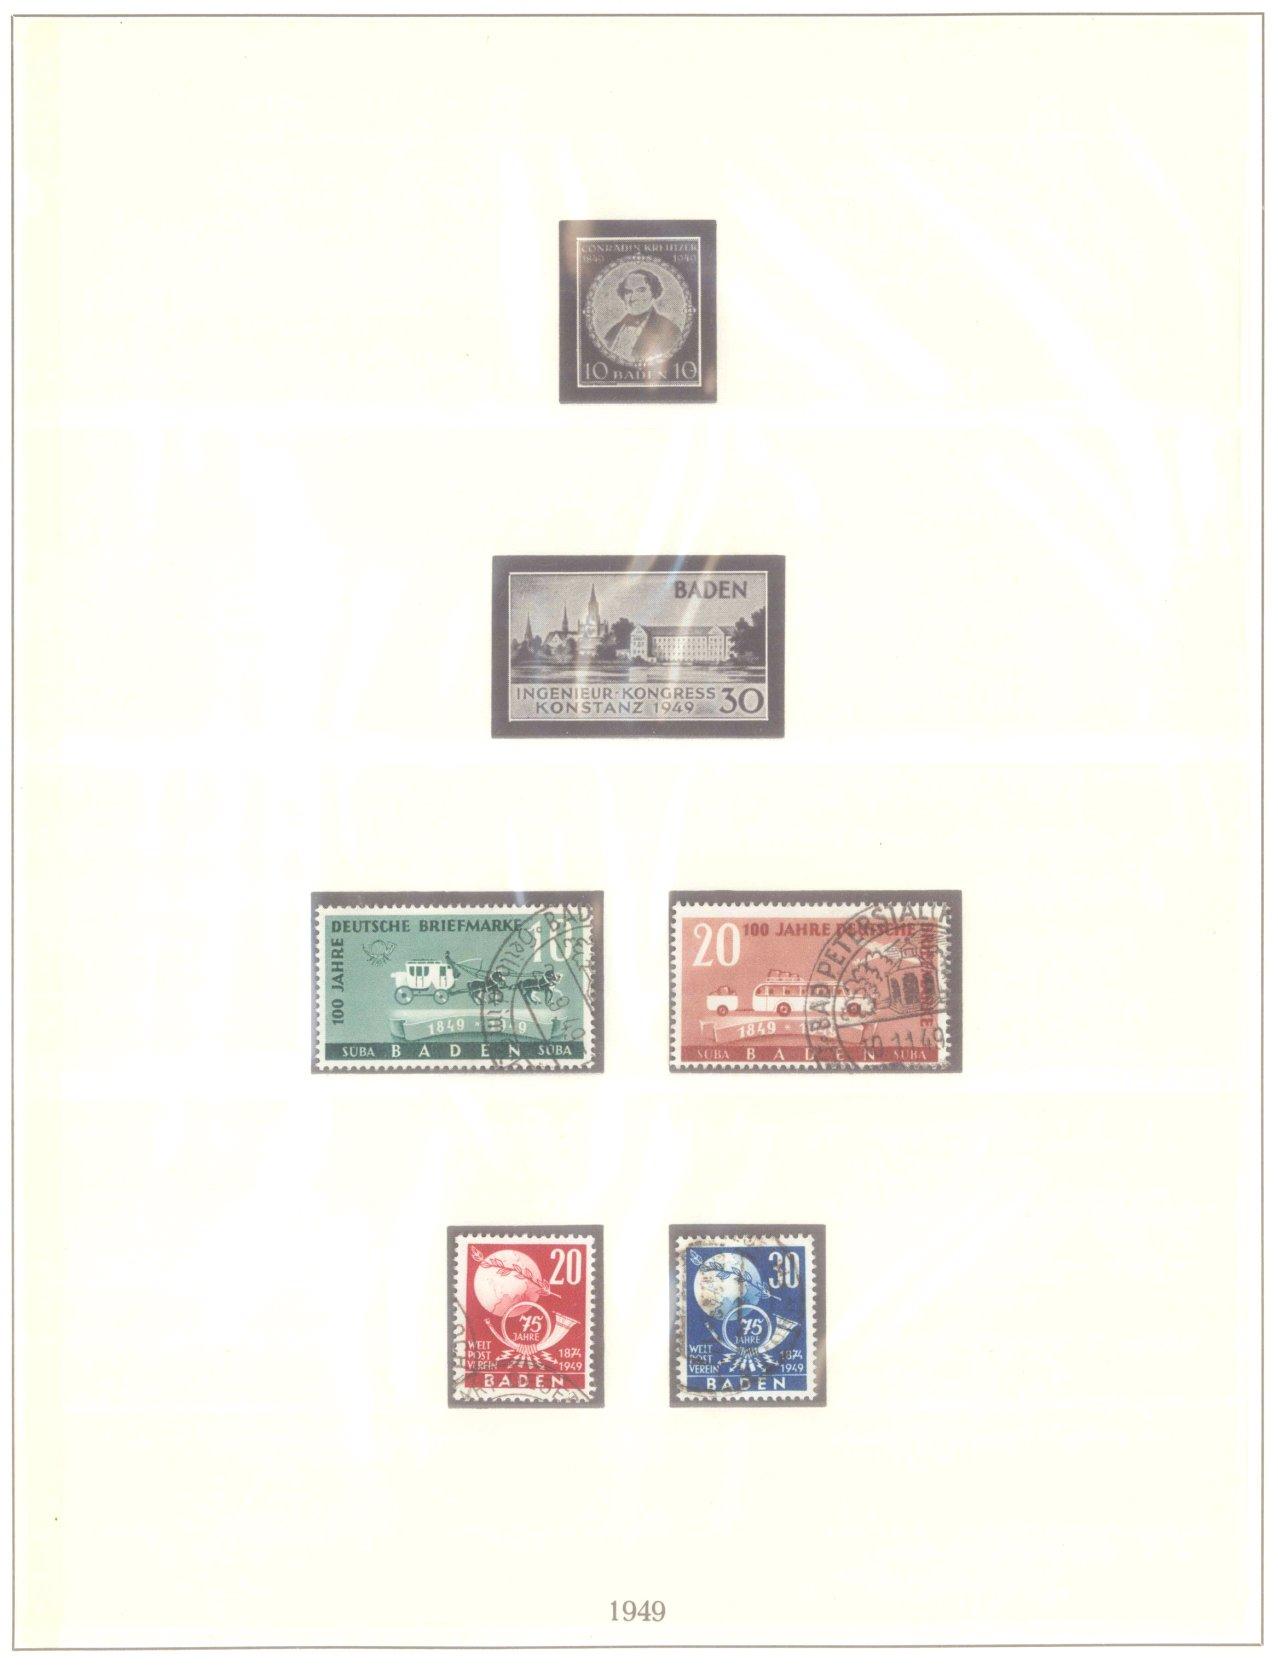 FRANZÖSISCHE ZONE BADEN 1949, 4 komplette Ausgaben-1